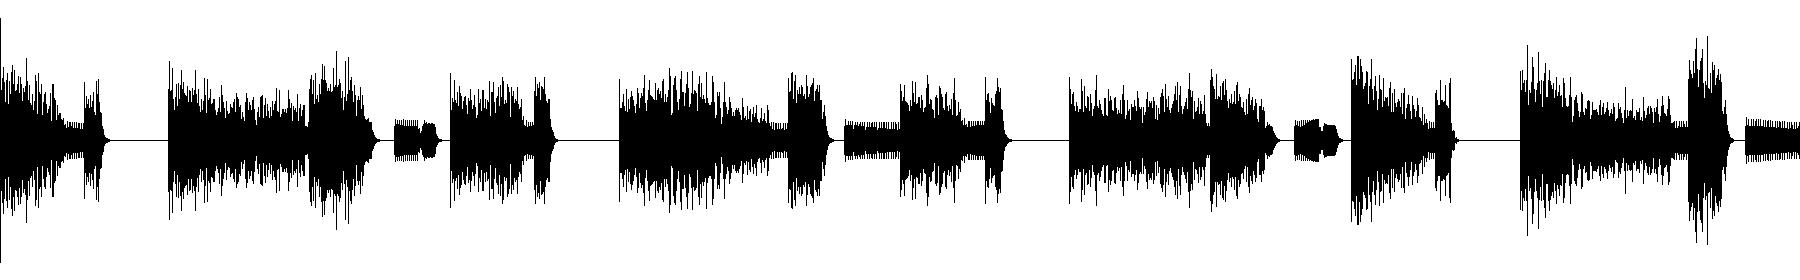 Fhp rhodes 20chords1 125 c